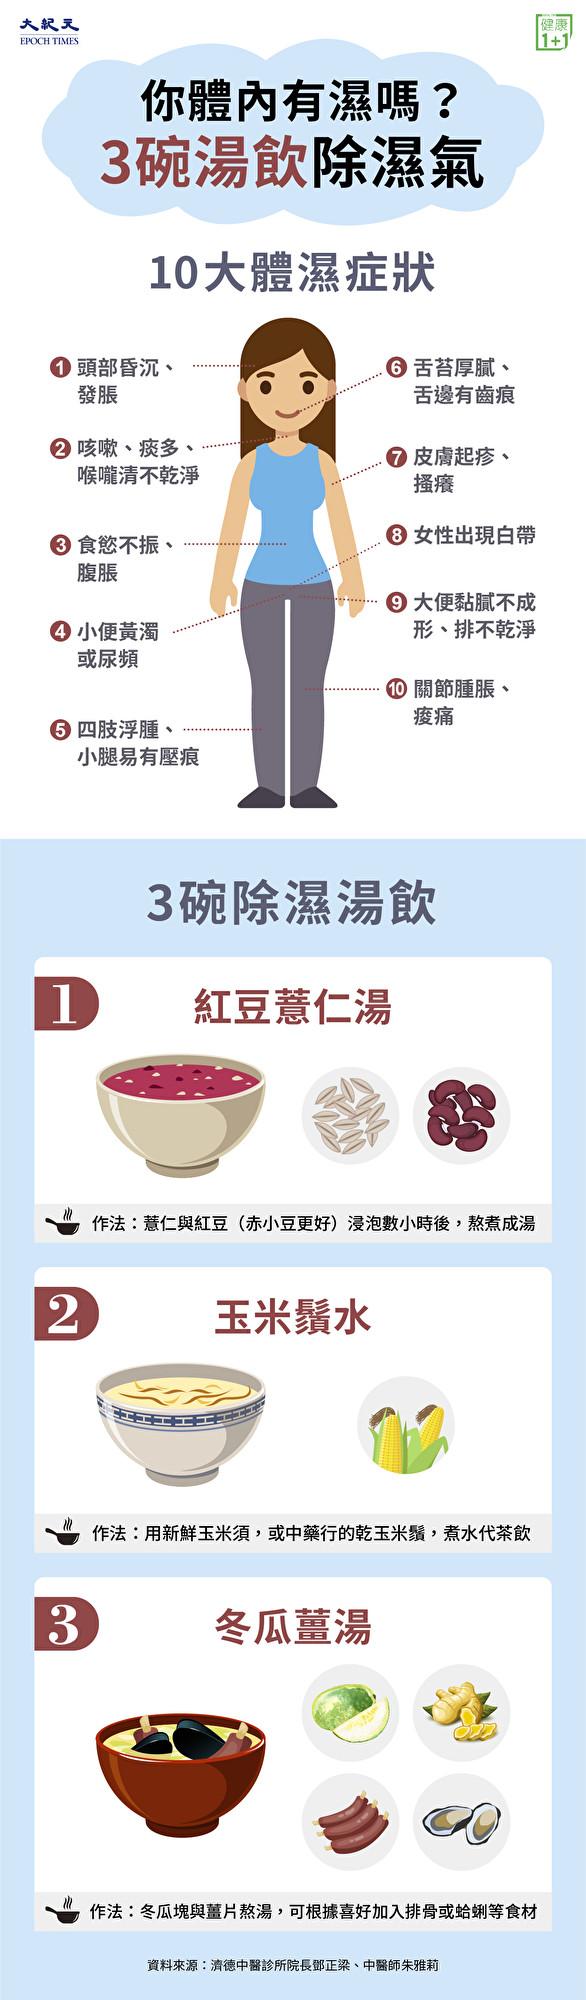 一圖看懂,哪些症狀代表體內有濕氣!中醫師推薦3碗除濕湯飲。(大紀元製圖)